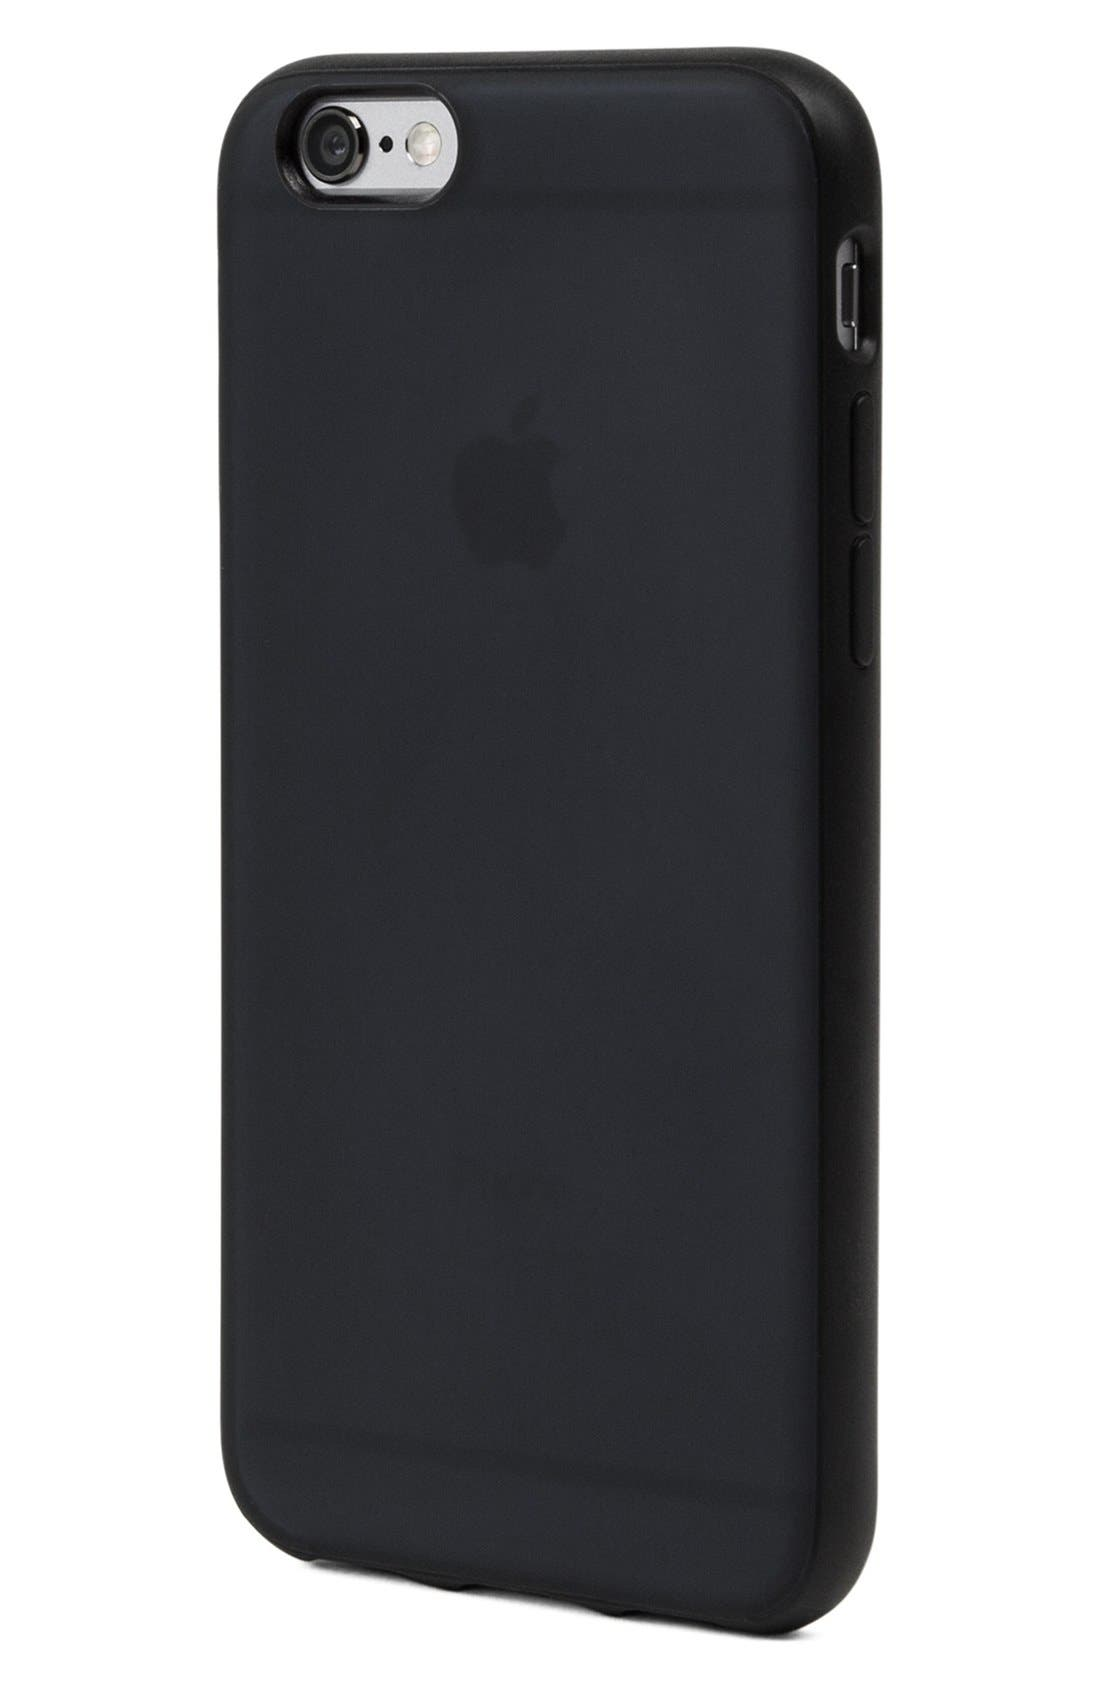 Alternate Image 1 Selected - Incase Designs Pop Case iPhone 6 Plus/6s Plus Case